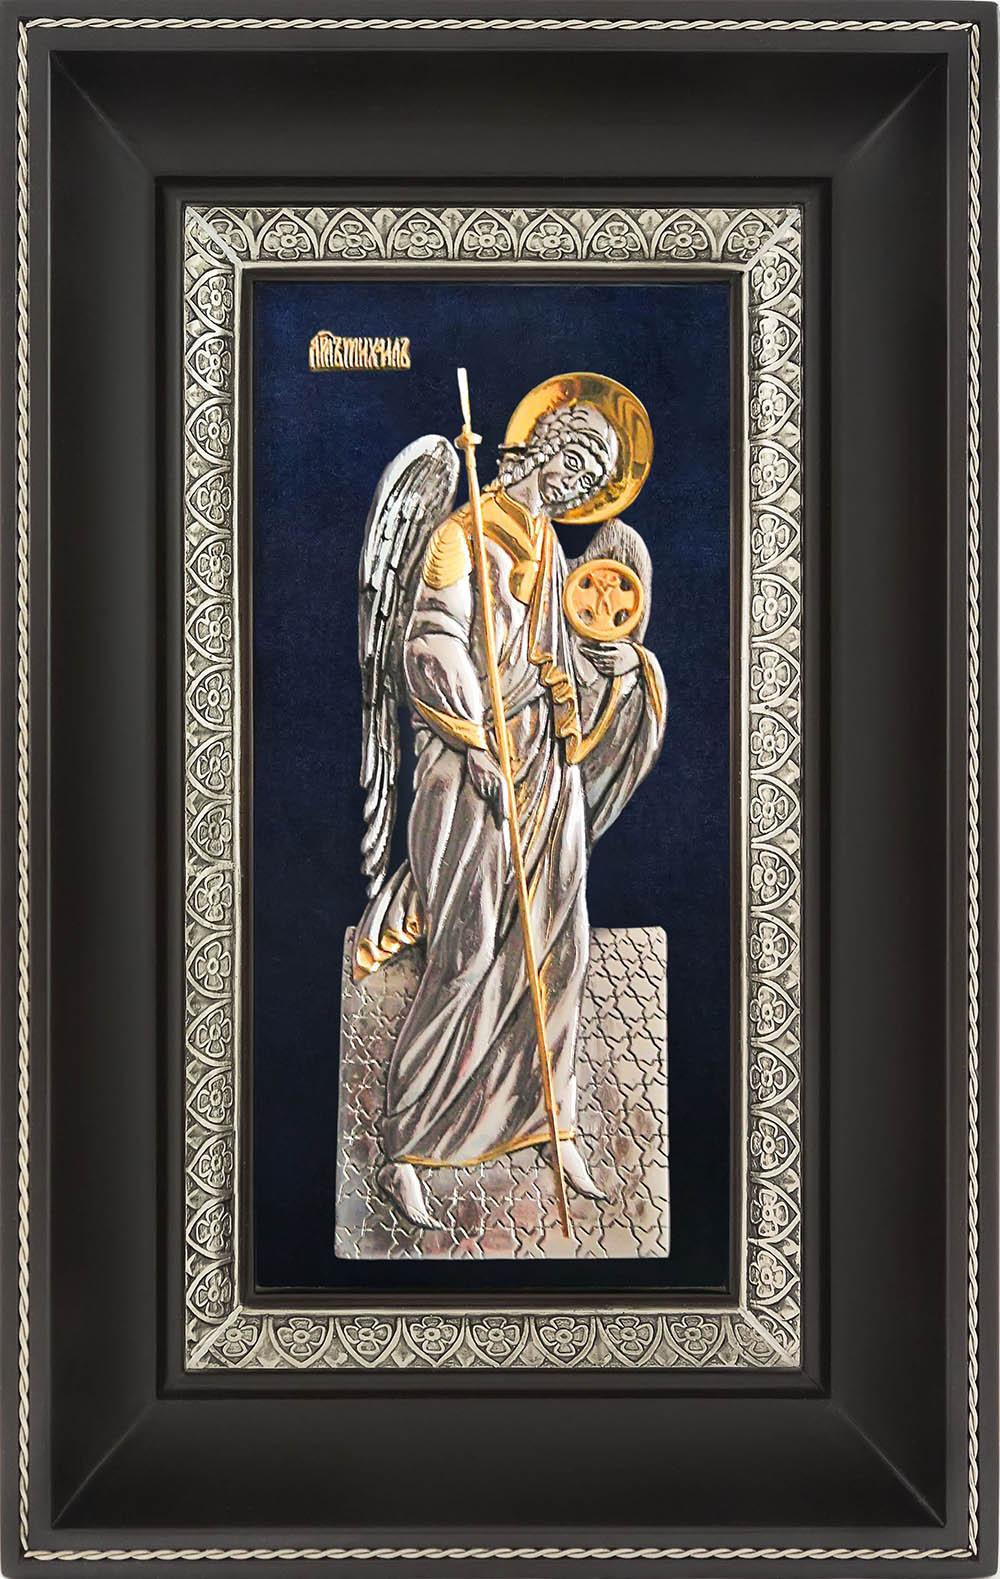 фото икона Архангела Михаила гальванопластика золото серебро деревянная рама